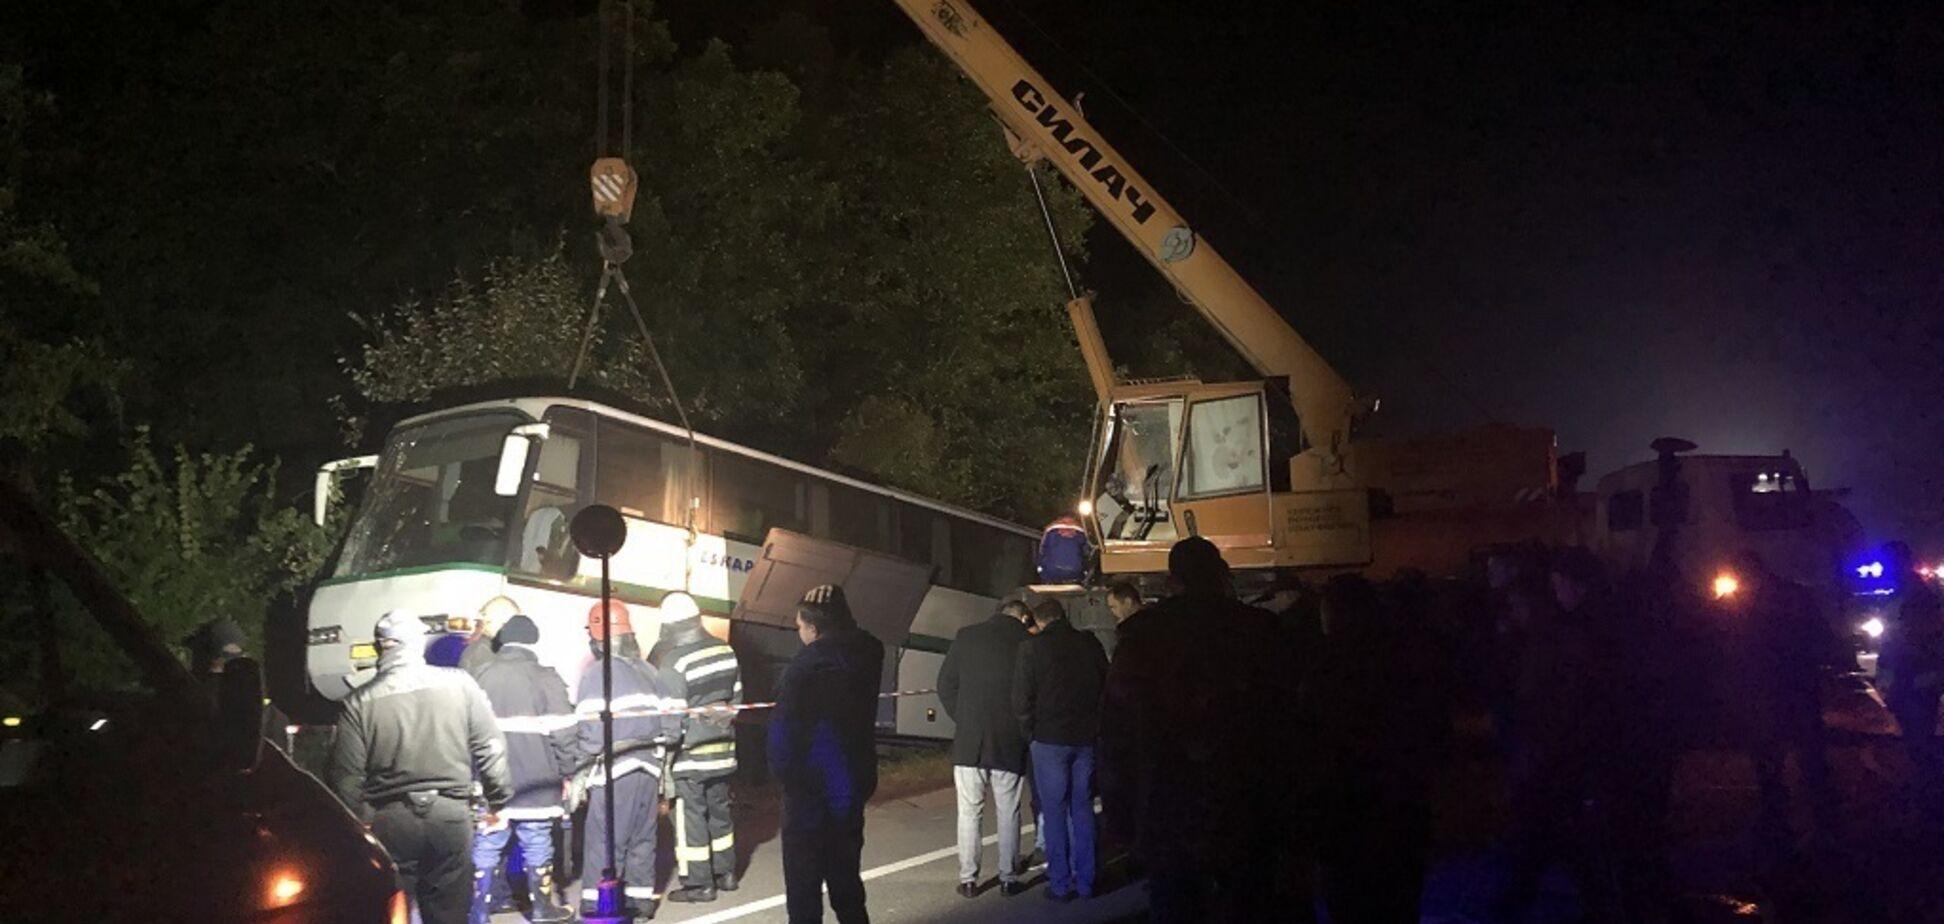 Масштабна ДТП на Житомирщині: названі імена 9 жертв. Відео 18+